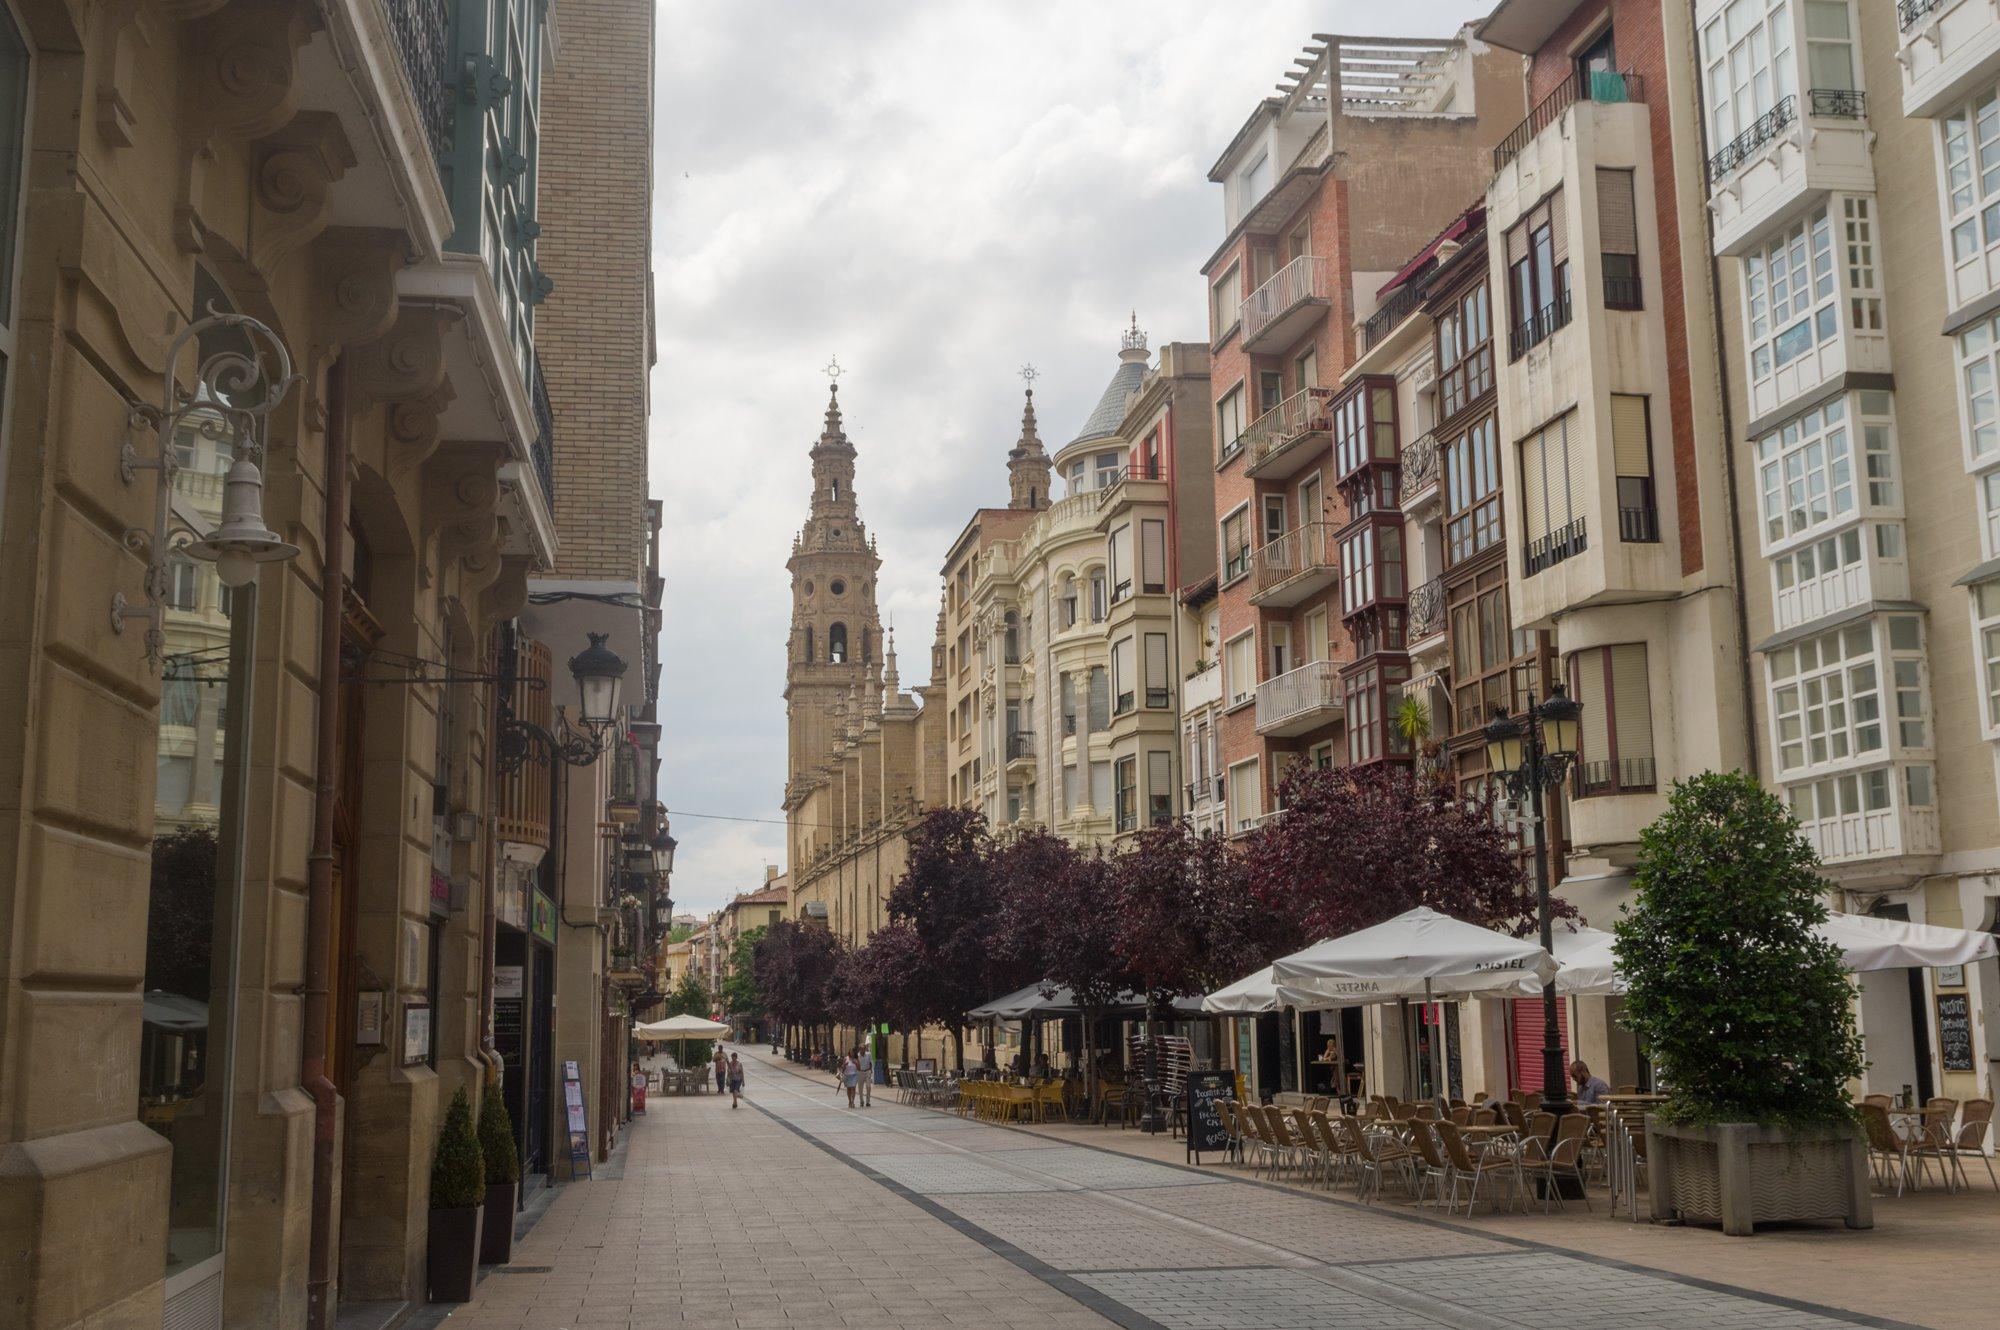 Santa María la Redonda asoma por la calle principal de la ciudad. Foto: Shutterstock